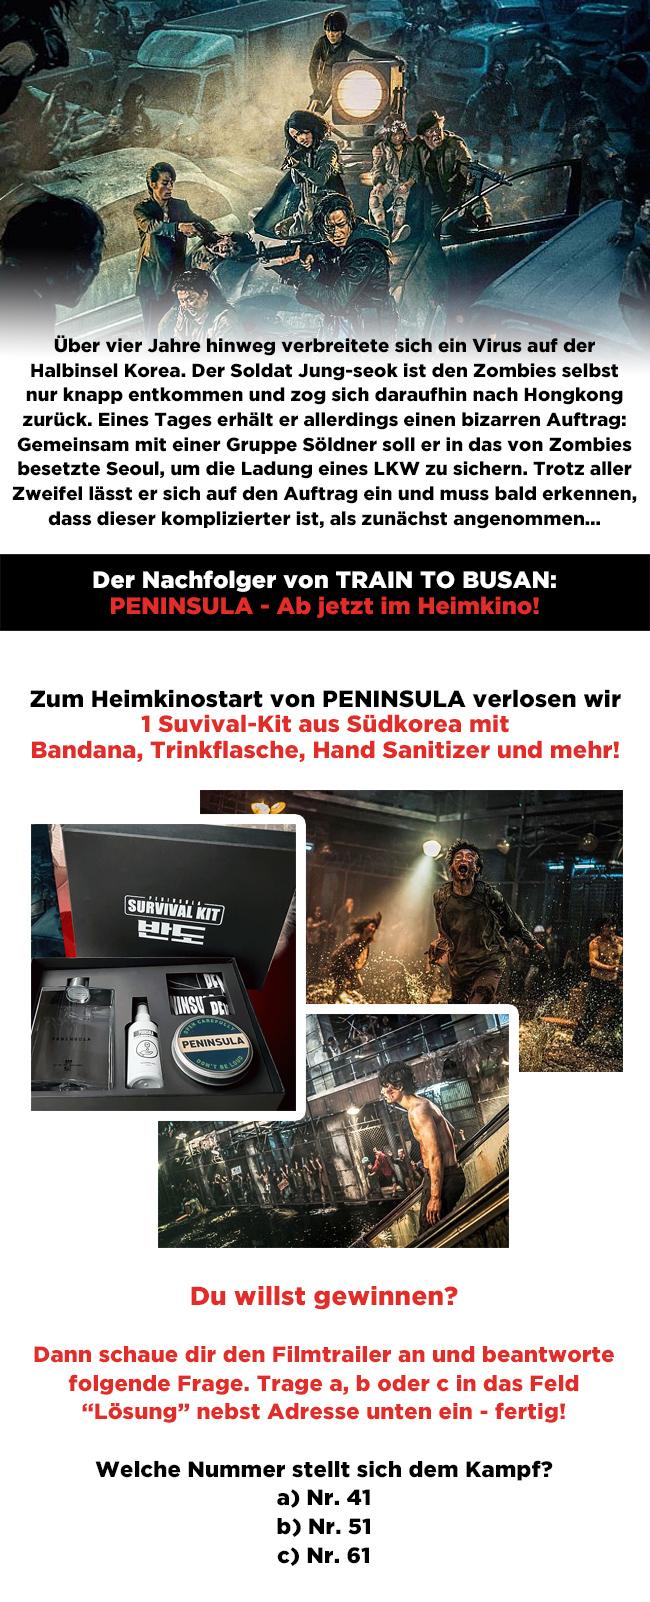 """Bild 1:Gewinne ein Survival-Kit aus Südkorea zum """"Peninsula""""-Heimkinostart!"""